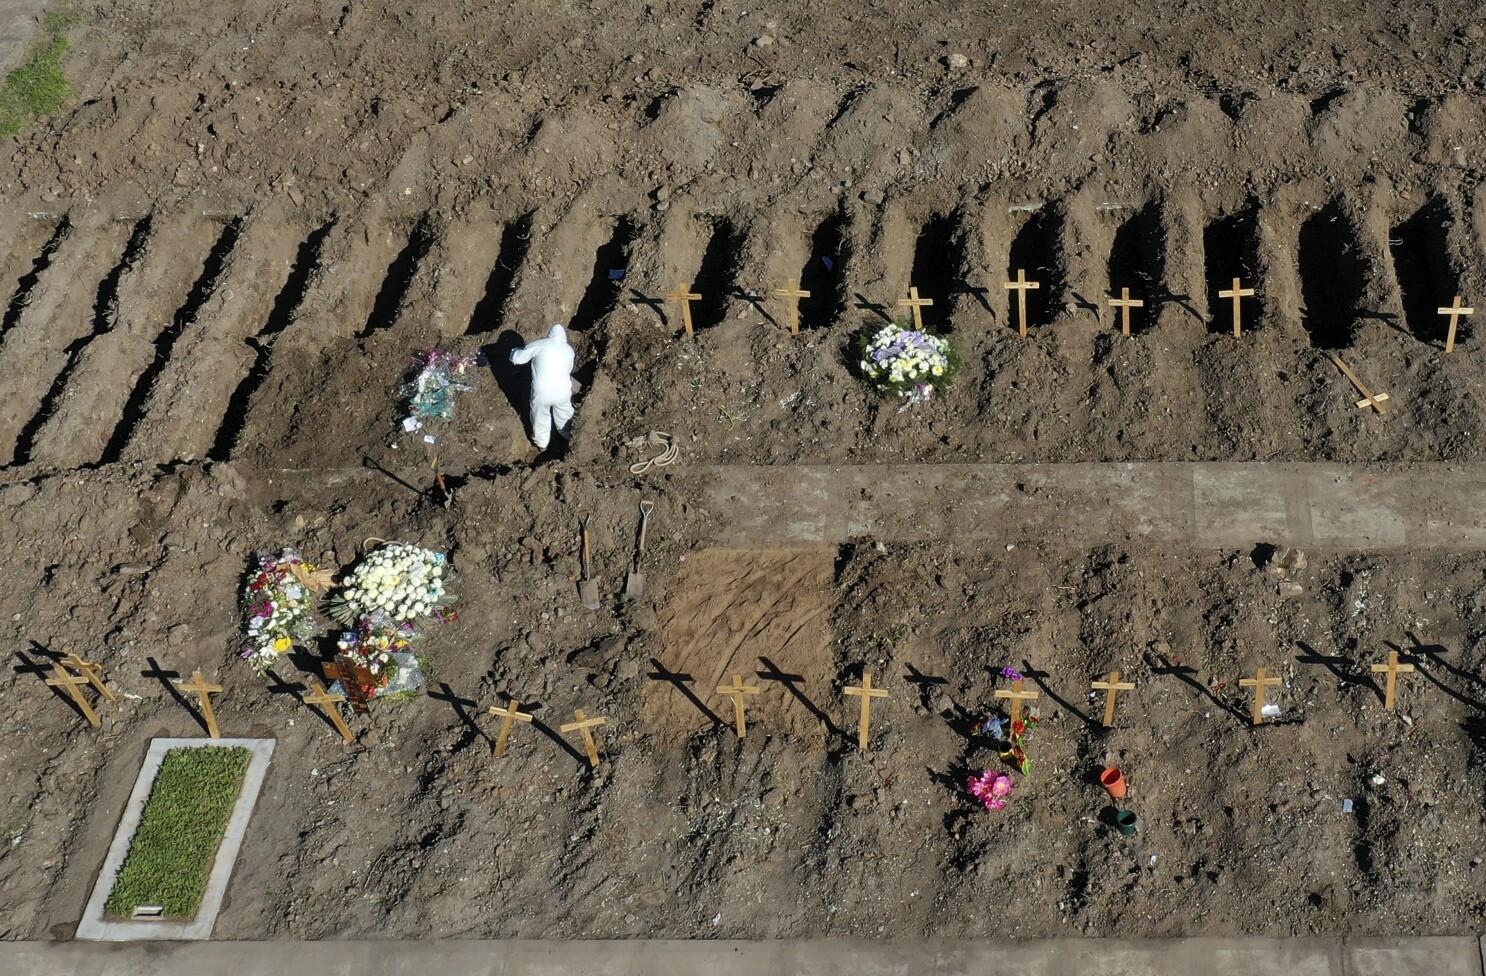 Suben casos en Argentina; cementerios preparan sector COVID - San Diego  Union-Tribune en Español